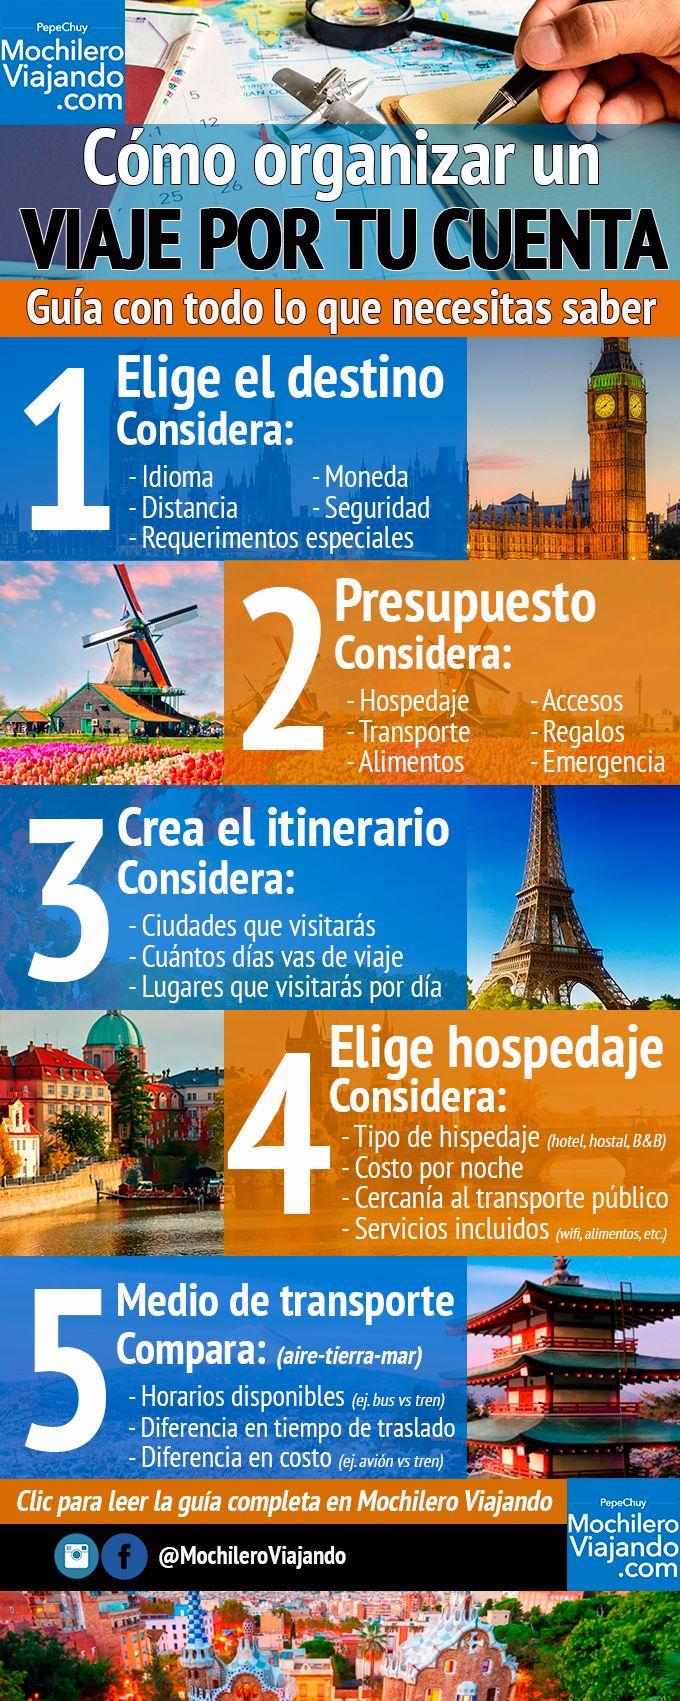 Organizar un viaje por tu cuenta puede parecer difícil, pero en realidad es mucho más fácil de lo que parece, en esta infografía encontrarás los 5 puntos más importantes para lograrlo y volverte un experto. #mochilero #viajero #viajar #viaje #GuiaDeViaje #travel #travelblog #travelblogger #viajarsolo #traveltips #motivacion #motivation #consejo #viajarmas #vacaciones #vacations #plan #planear #tutorial #mundo #world #diy #londres #amsterdam #paris #praga #barcelona #tokyo #cerezo #sakura…